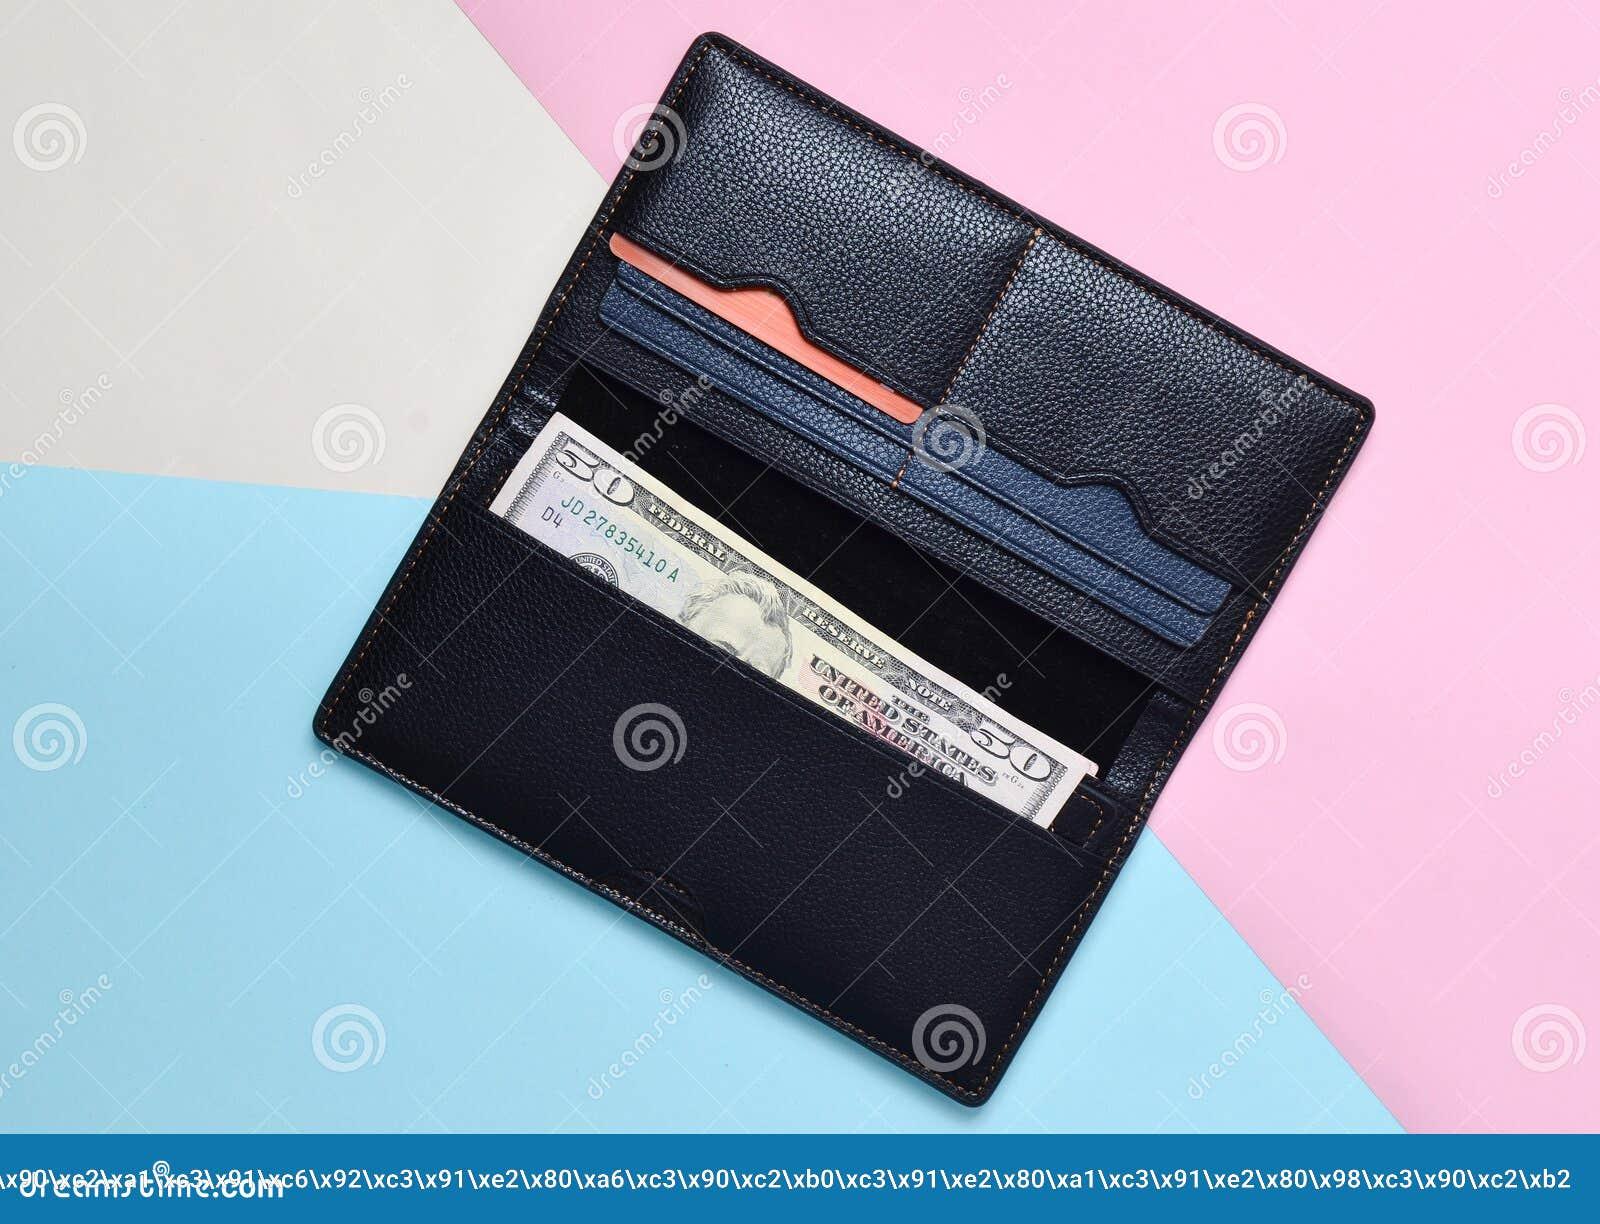 Une bourse noire ouverte avec les factures et les cartes de crédit dolar sur un fond en pastel multicolore Tendance de minimalism